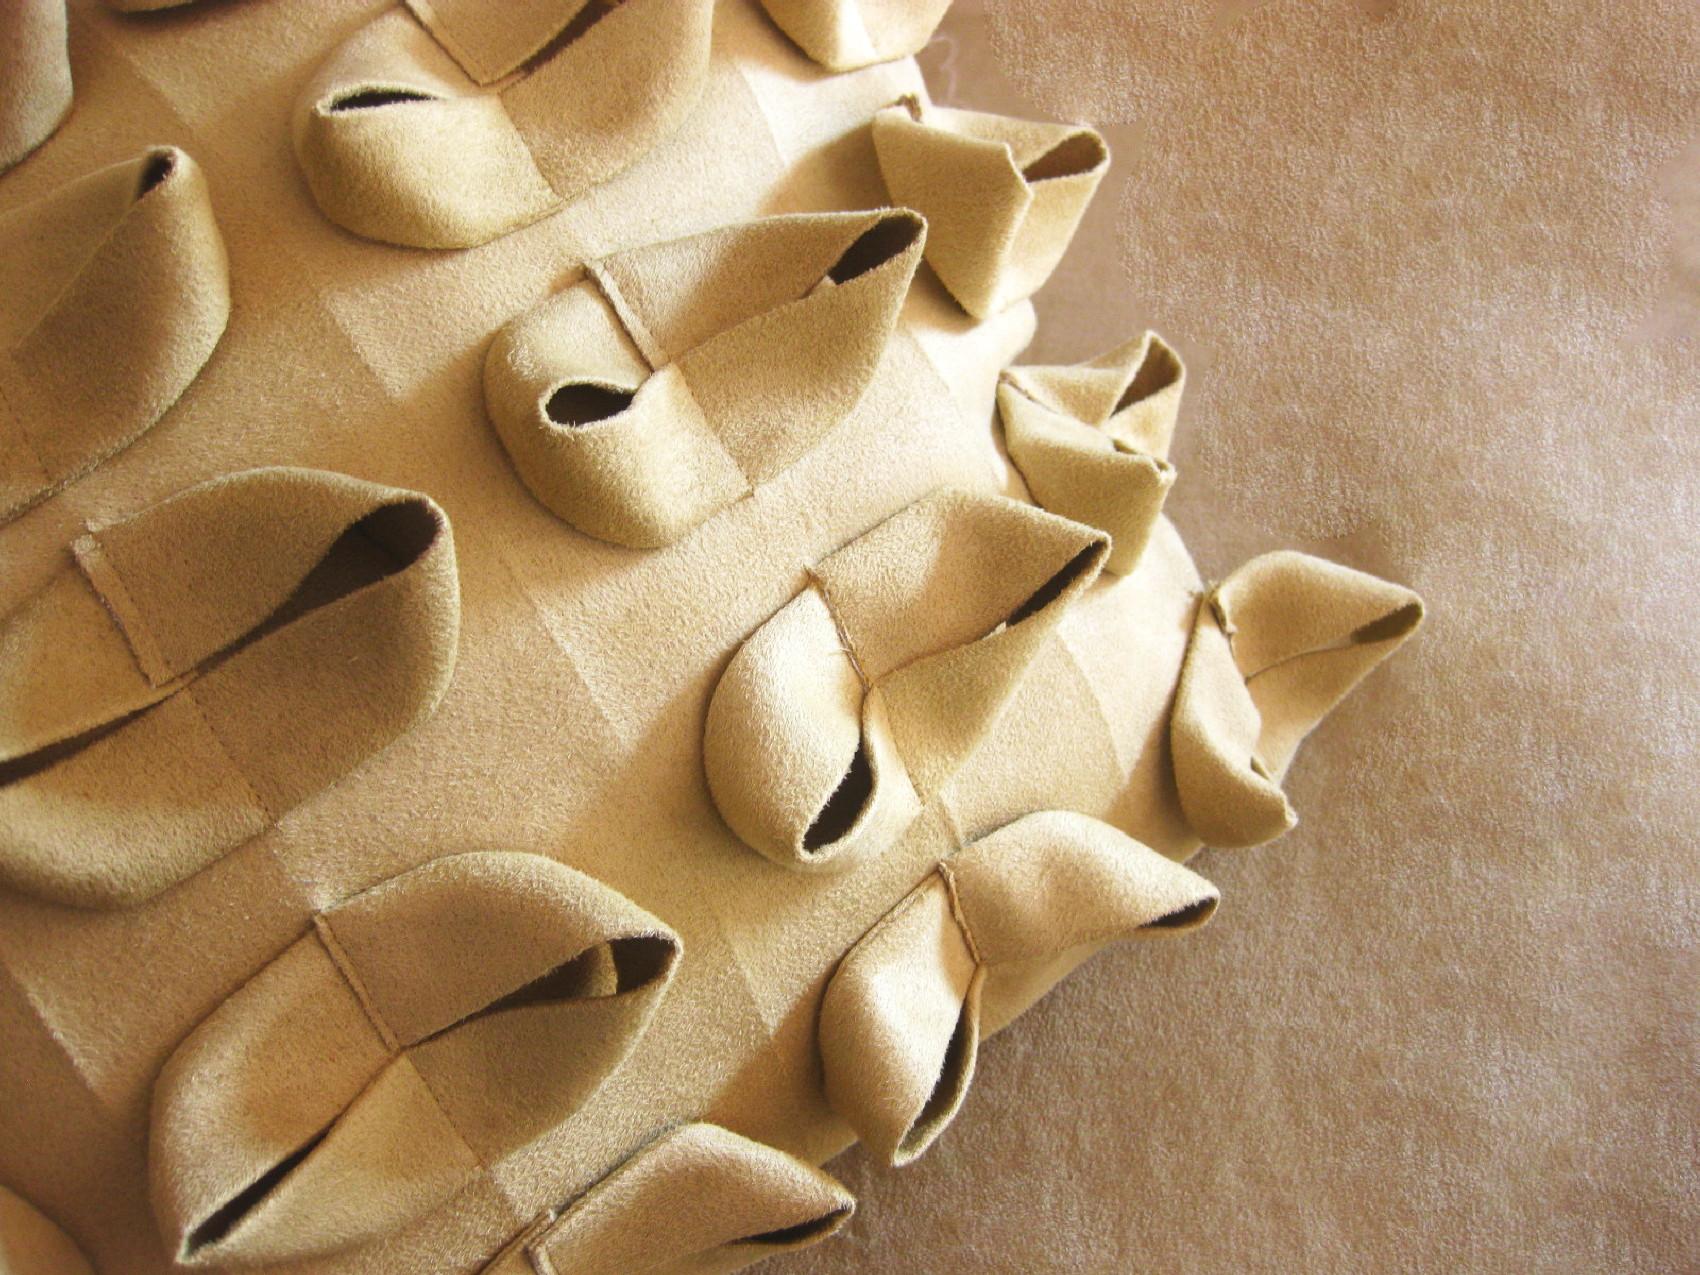 nova-linija-decora-kolekcija-jastuka-modne dizajnerice-marine-prevolsek-2